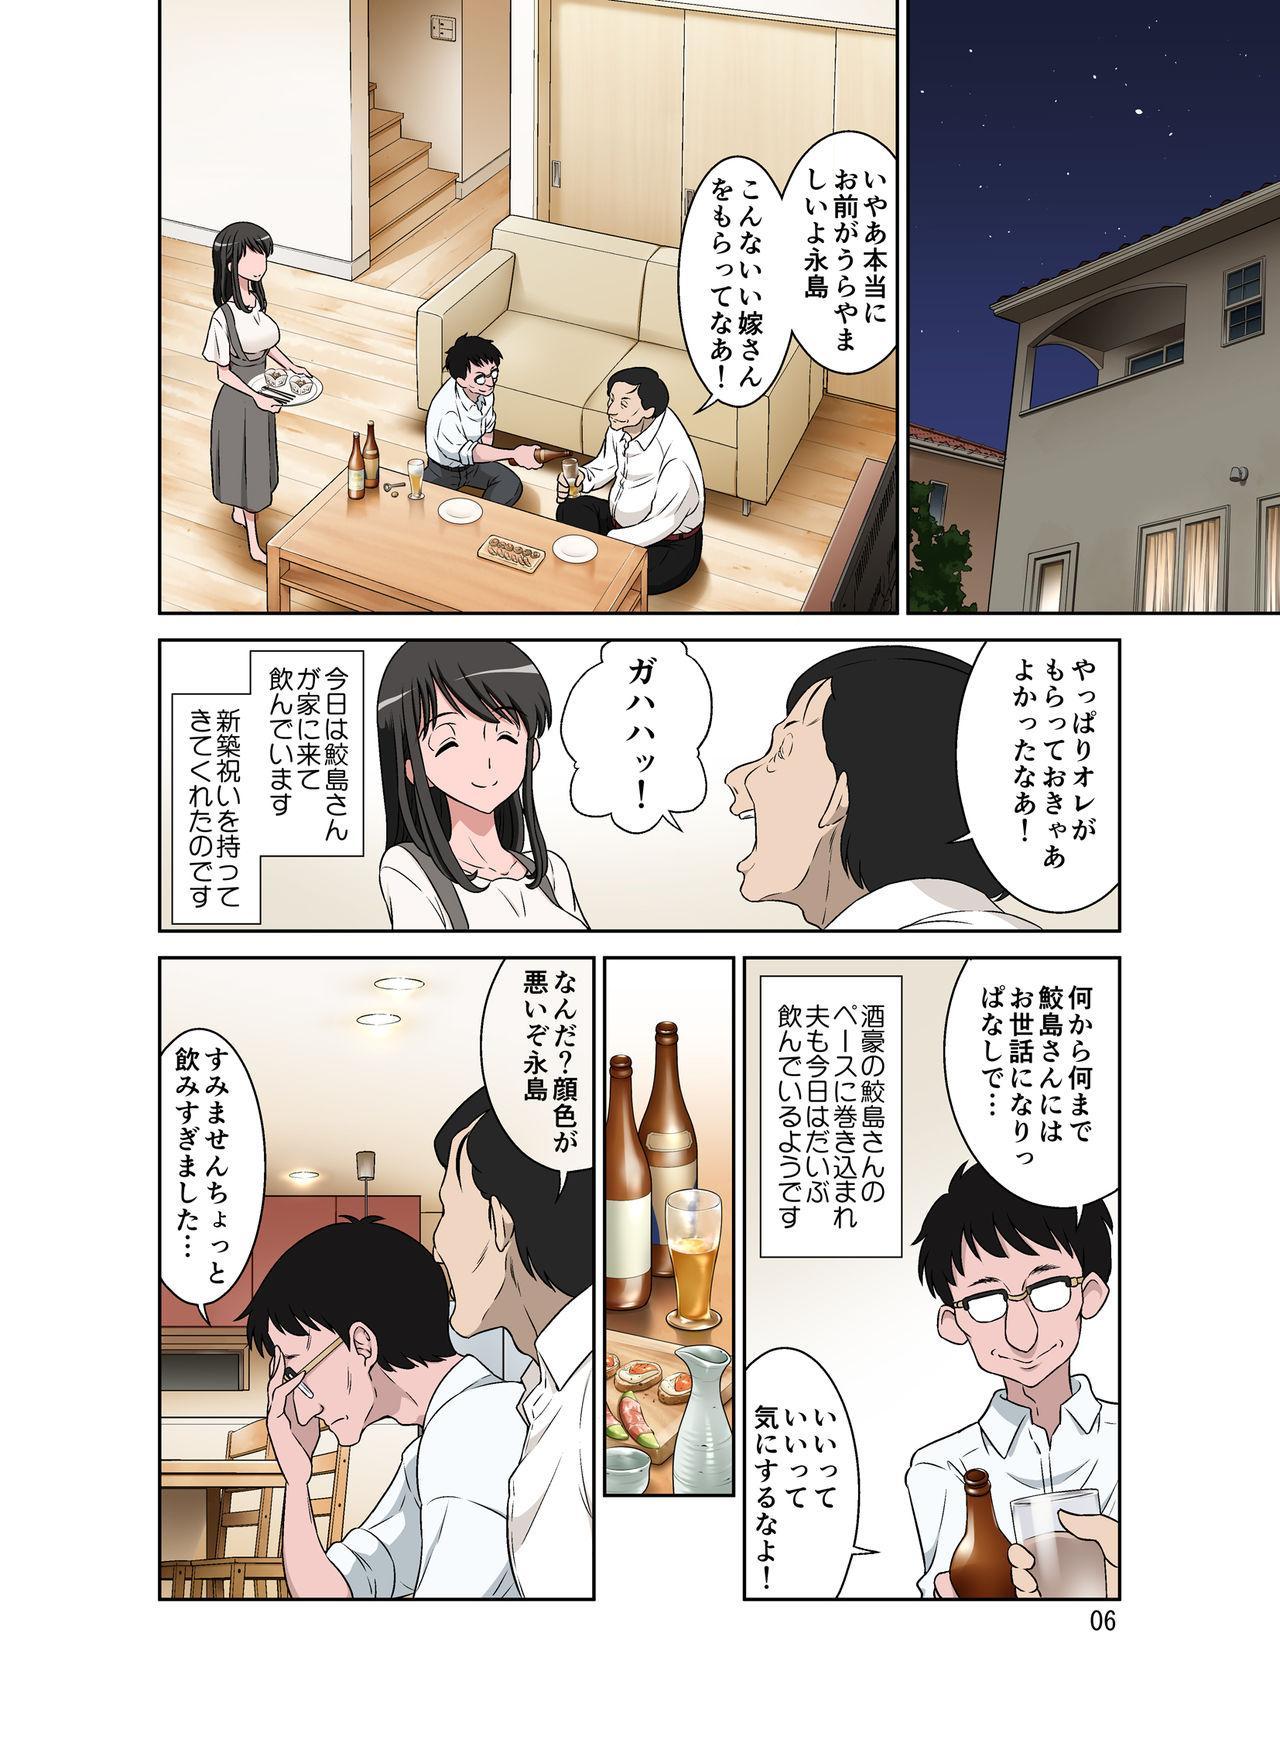 Samejima Shachou wa Keisanpu ga Osuki 6